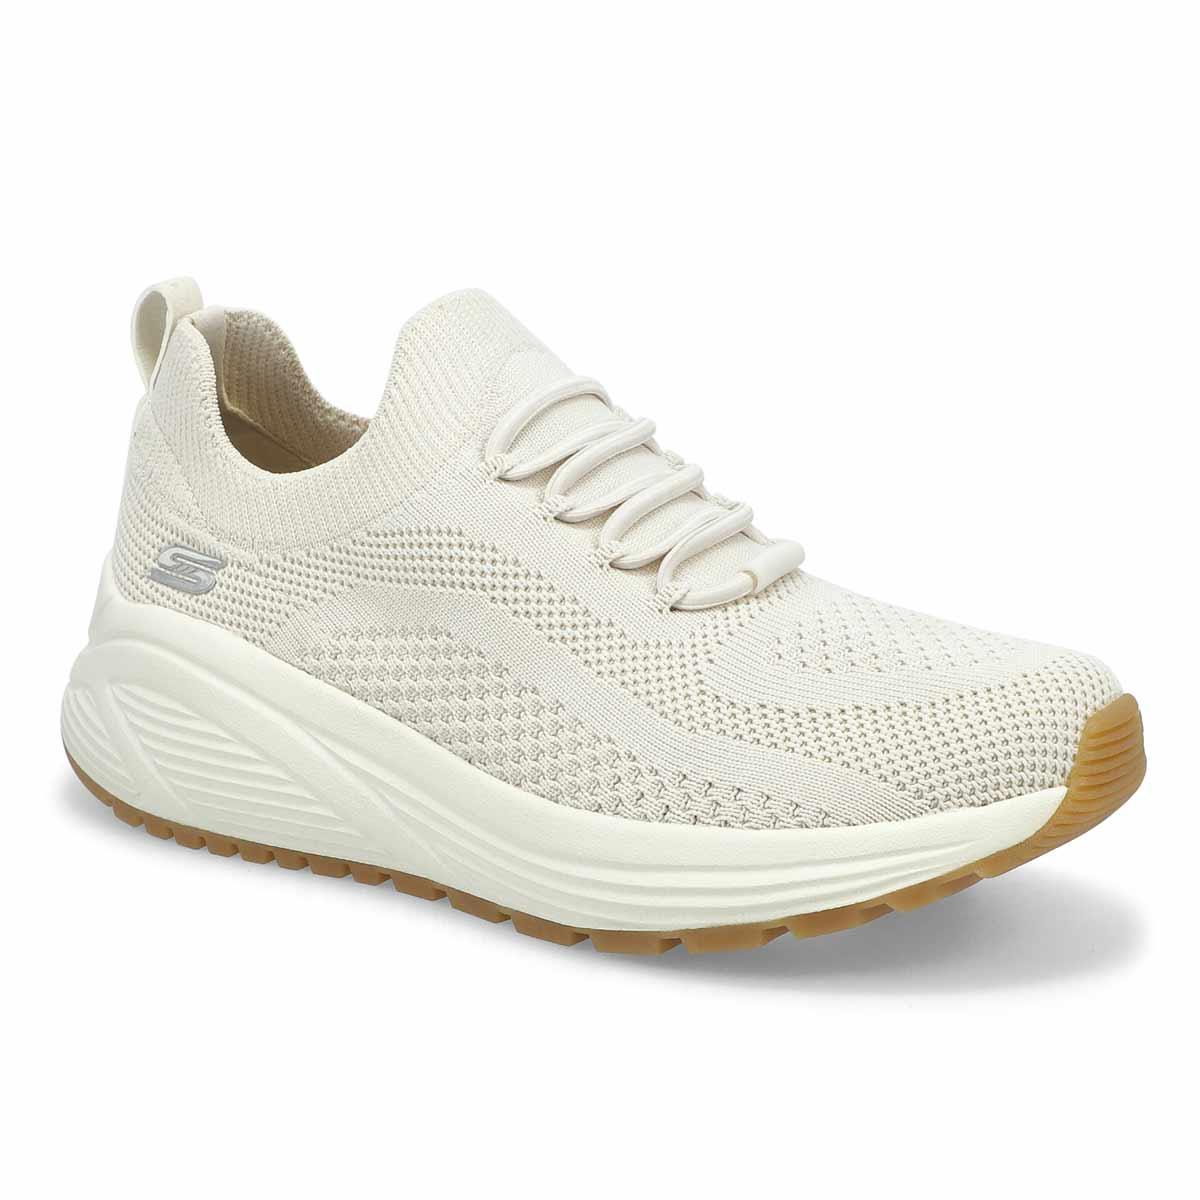 Women's Bobs Sparrow 2.0 Sneaker - White